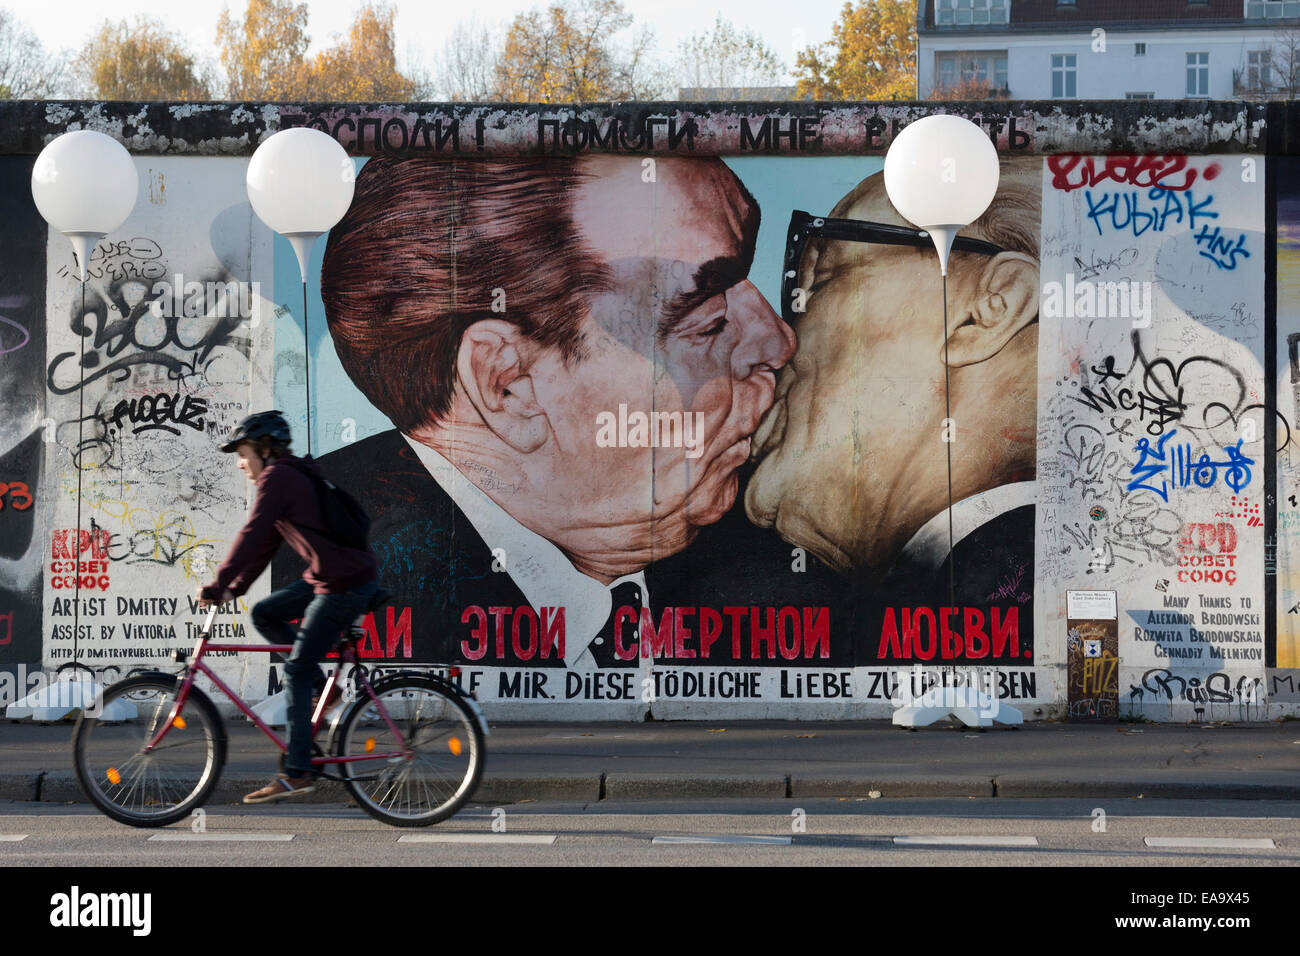 Lichtgrenze arte di installazione per il XXV anniversario della caduta del muro di Berlino alla galleria sul lato Immagini Stock